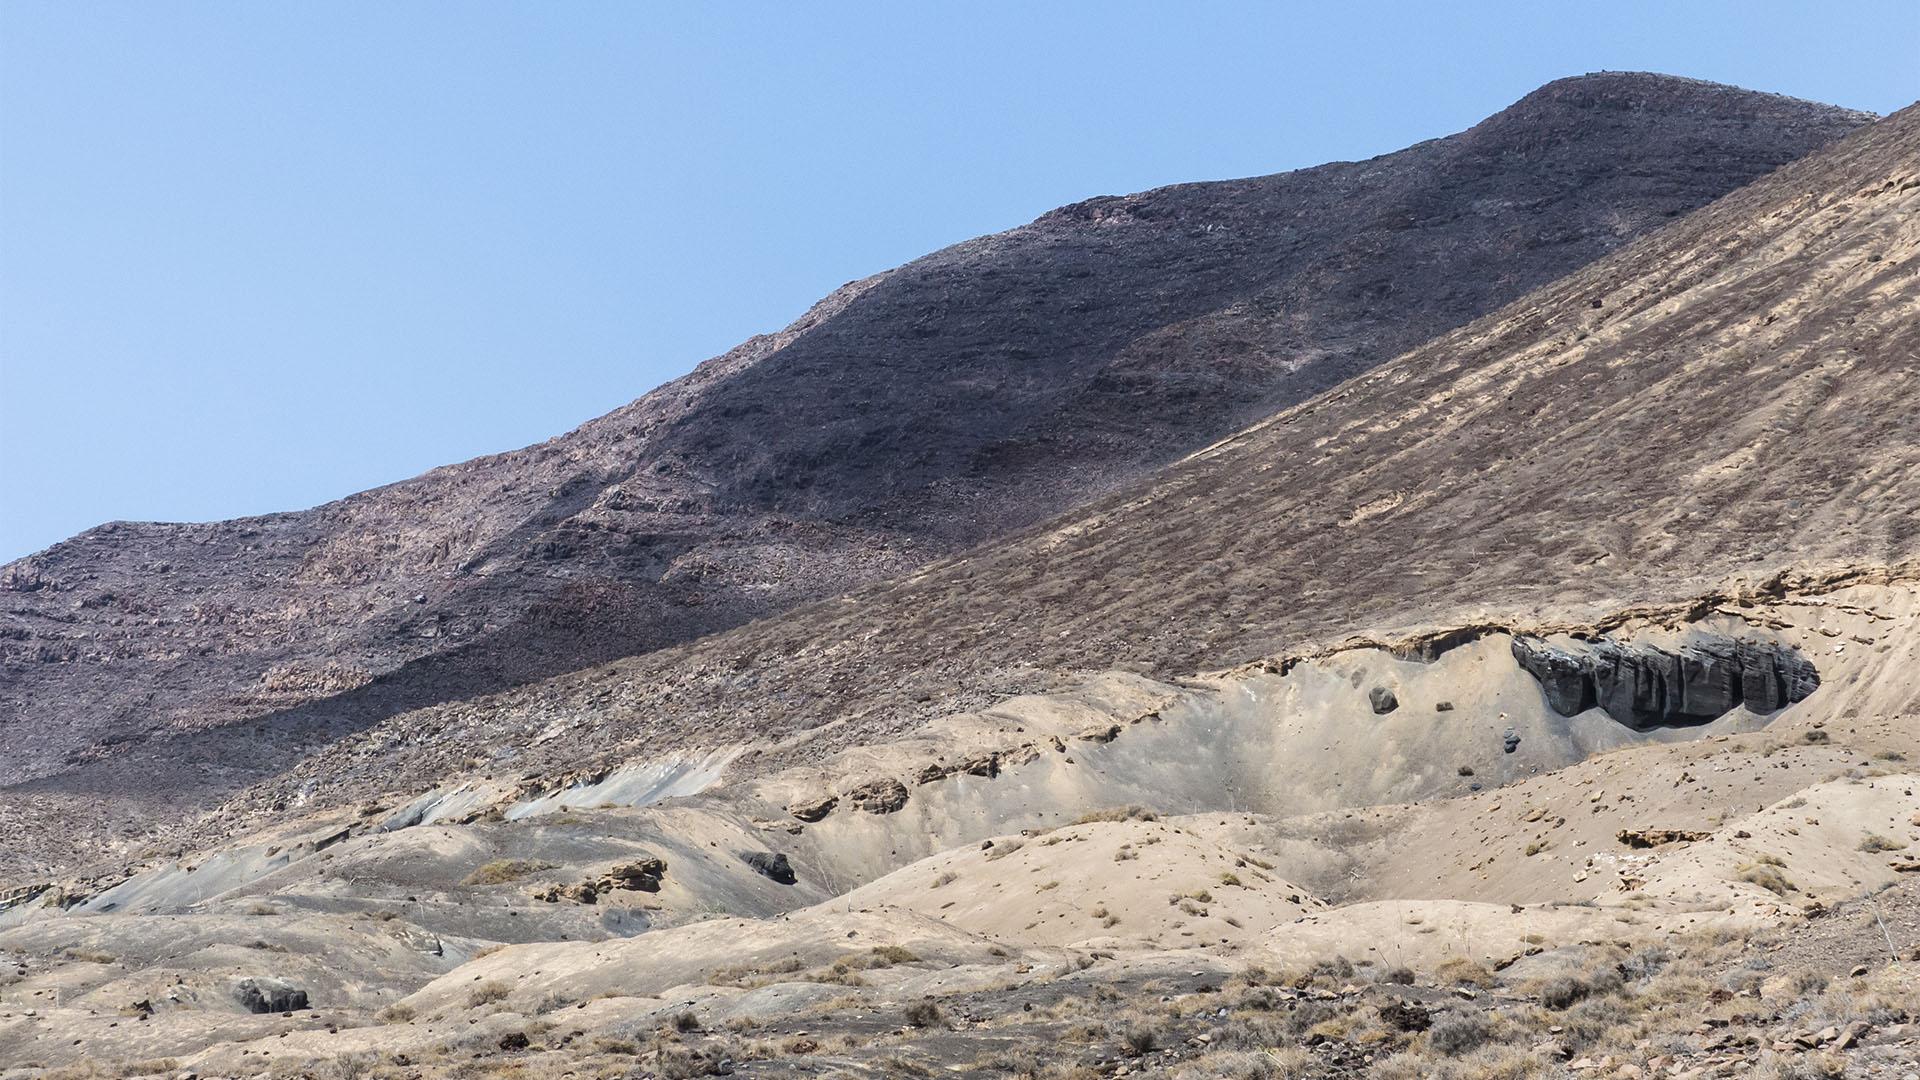 Sehenswürdigkeiten Fuerteventuras: Tiscamanita – Los Cuchillos de Vigan